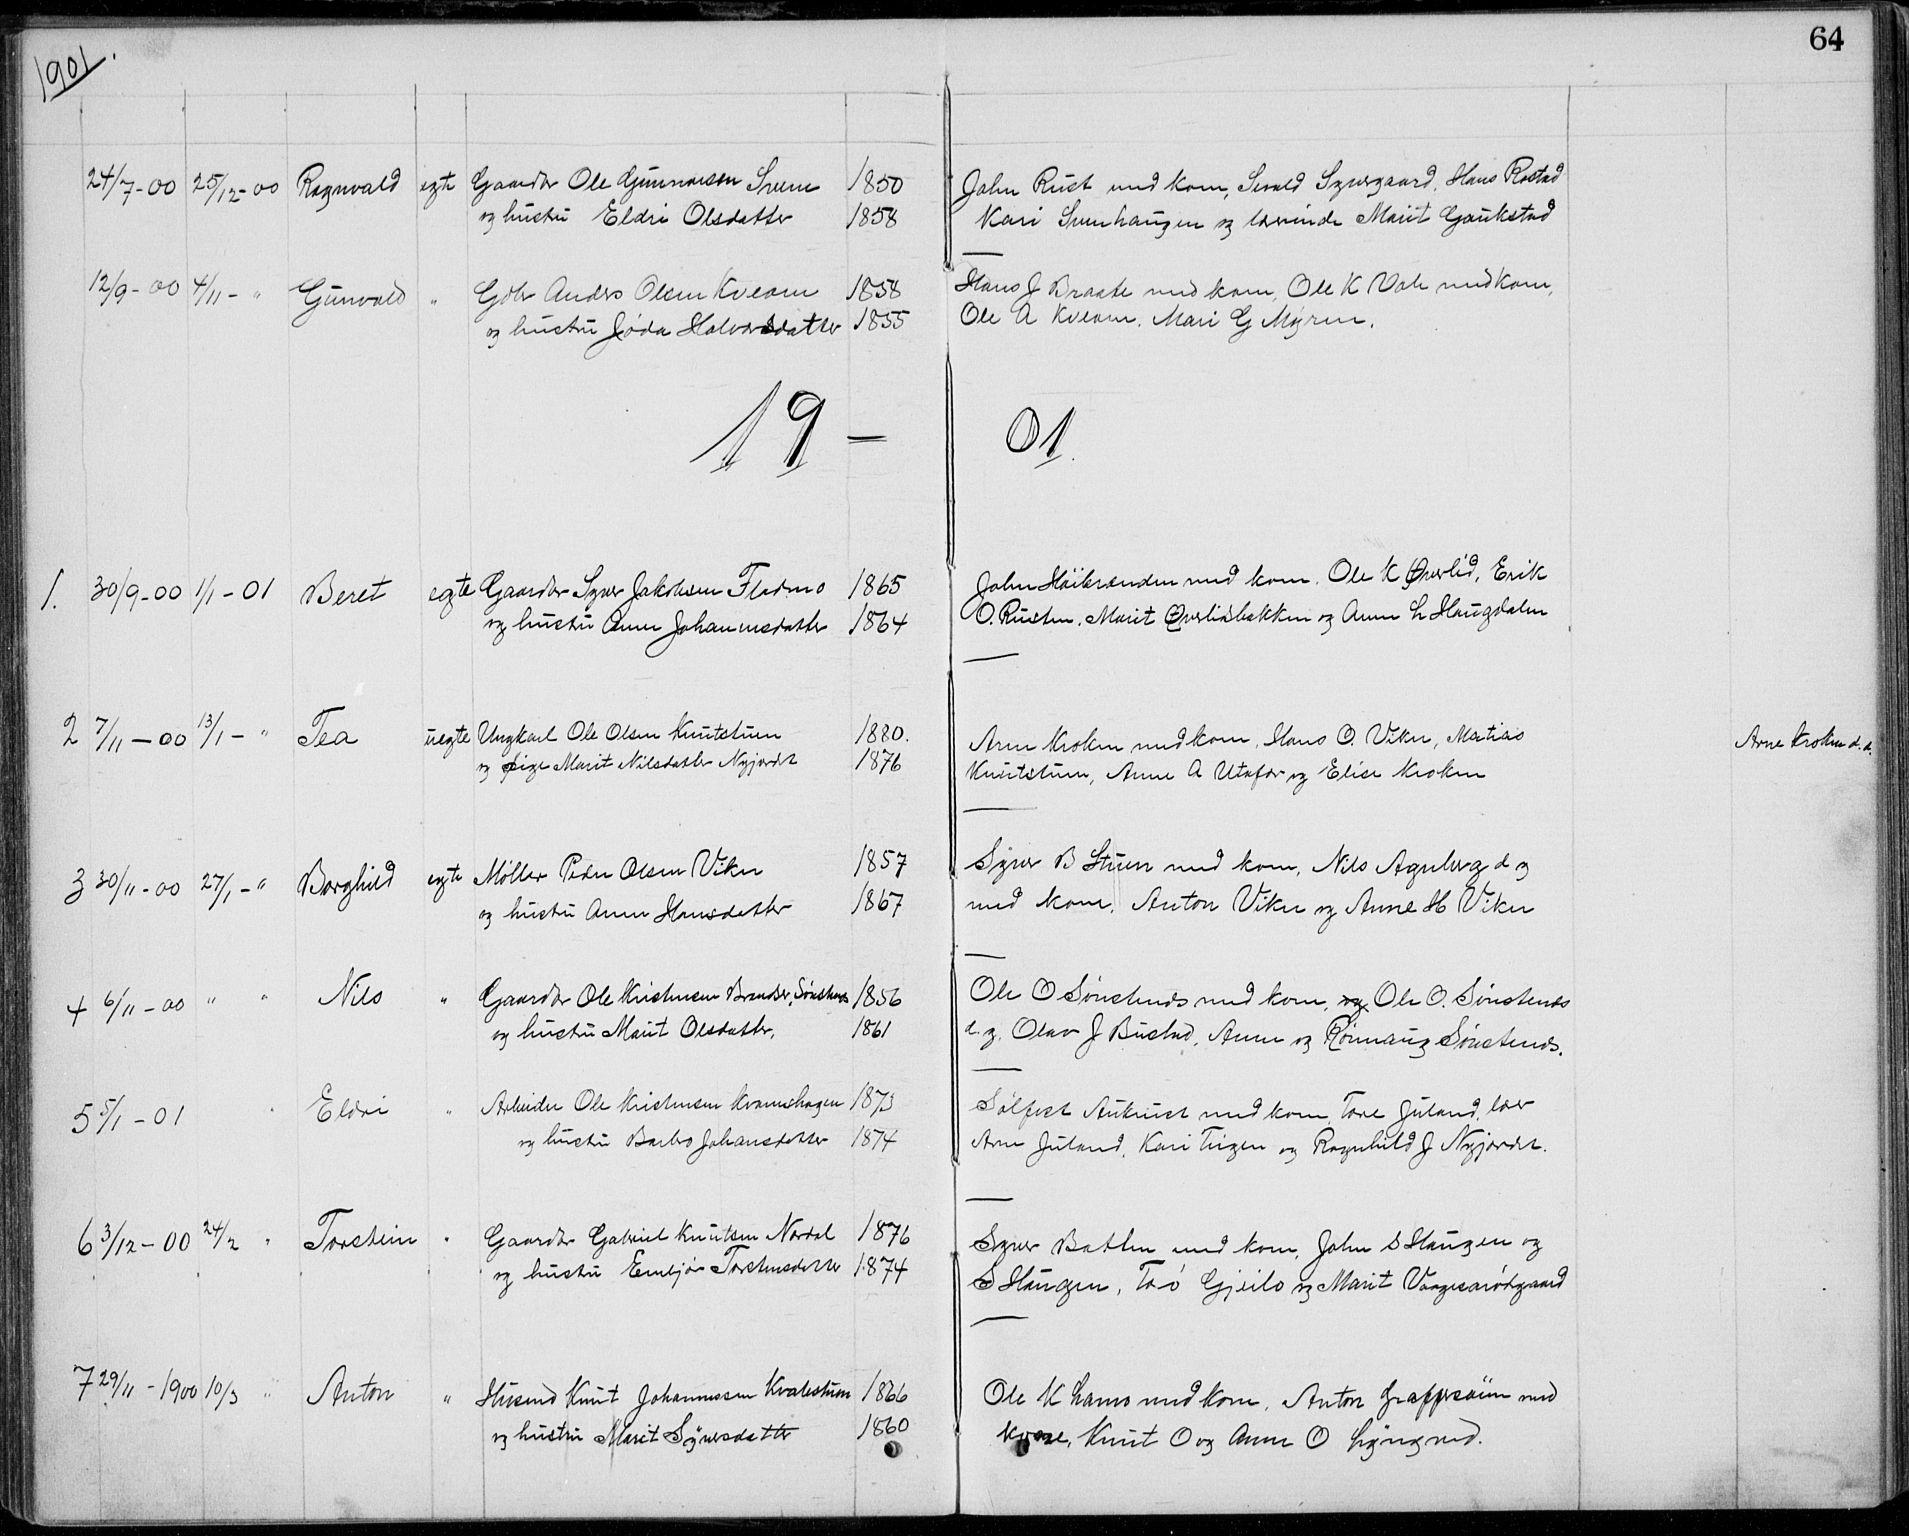 SAH, Lom prestekontor, L/L0013: Klokkerbok nr. 13, 1874-1938, s. 64